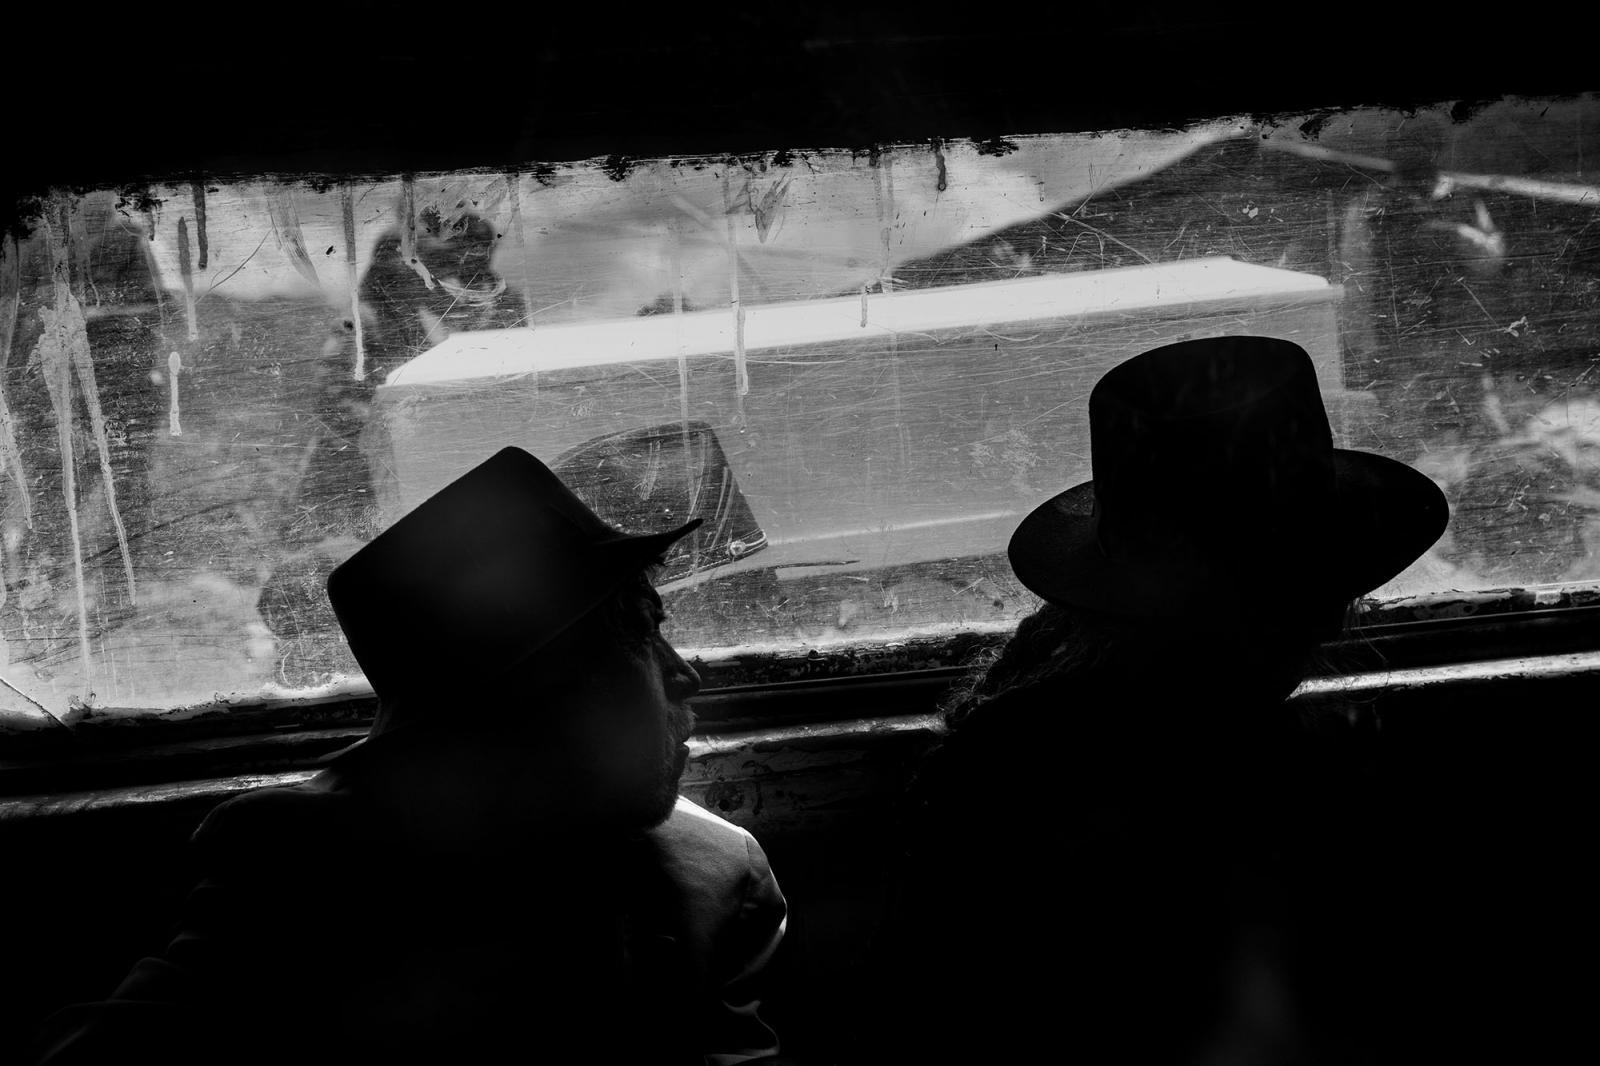 Muchos de los pobladores, ancianos en su mayoría, al no poder caminar hasta las alturas del pueblo donde esperaban los nichos, fueron llevados en un auto que acompañaba la procesión hasta el cementerio de Pujas.